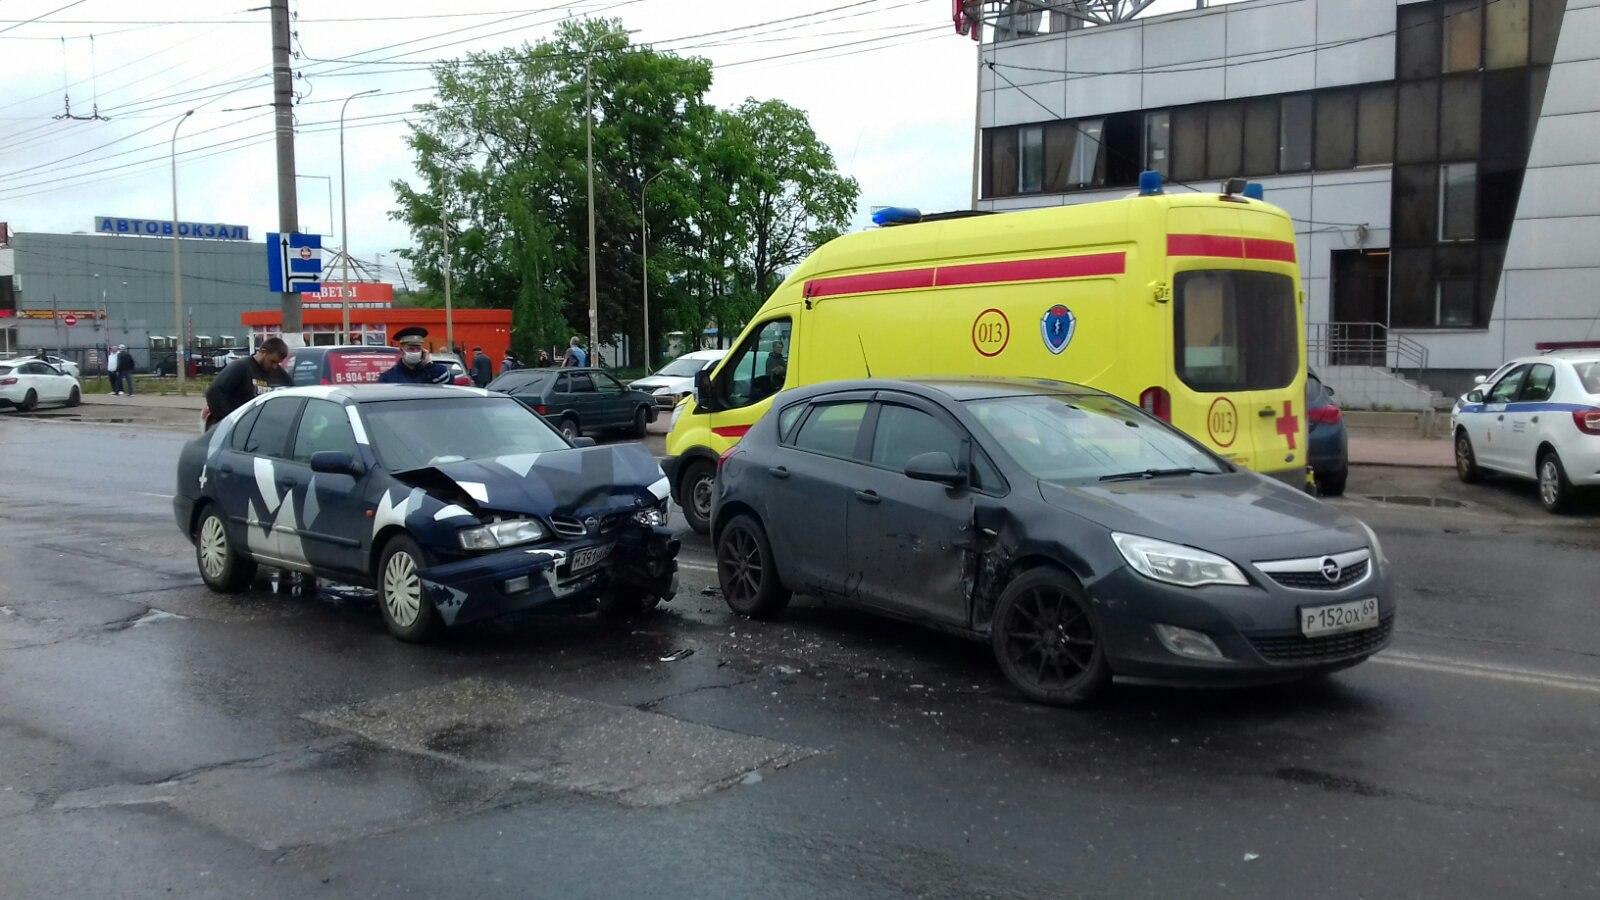 В Твери водитель иномарки нарушил правила и спровоцировал ДТП с пострадавшим - новости Афанасий